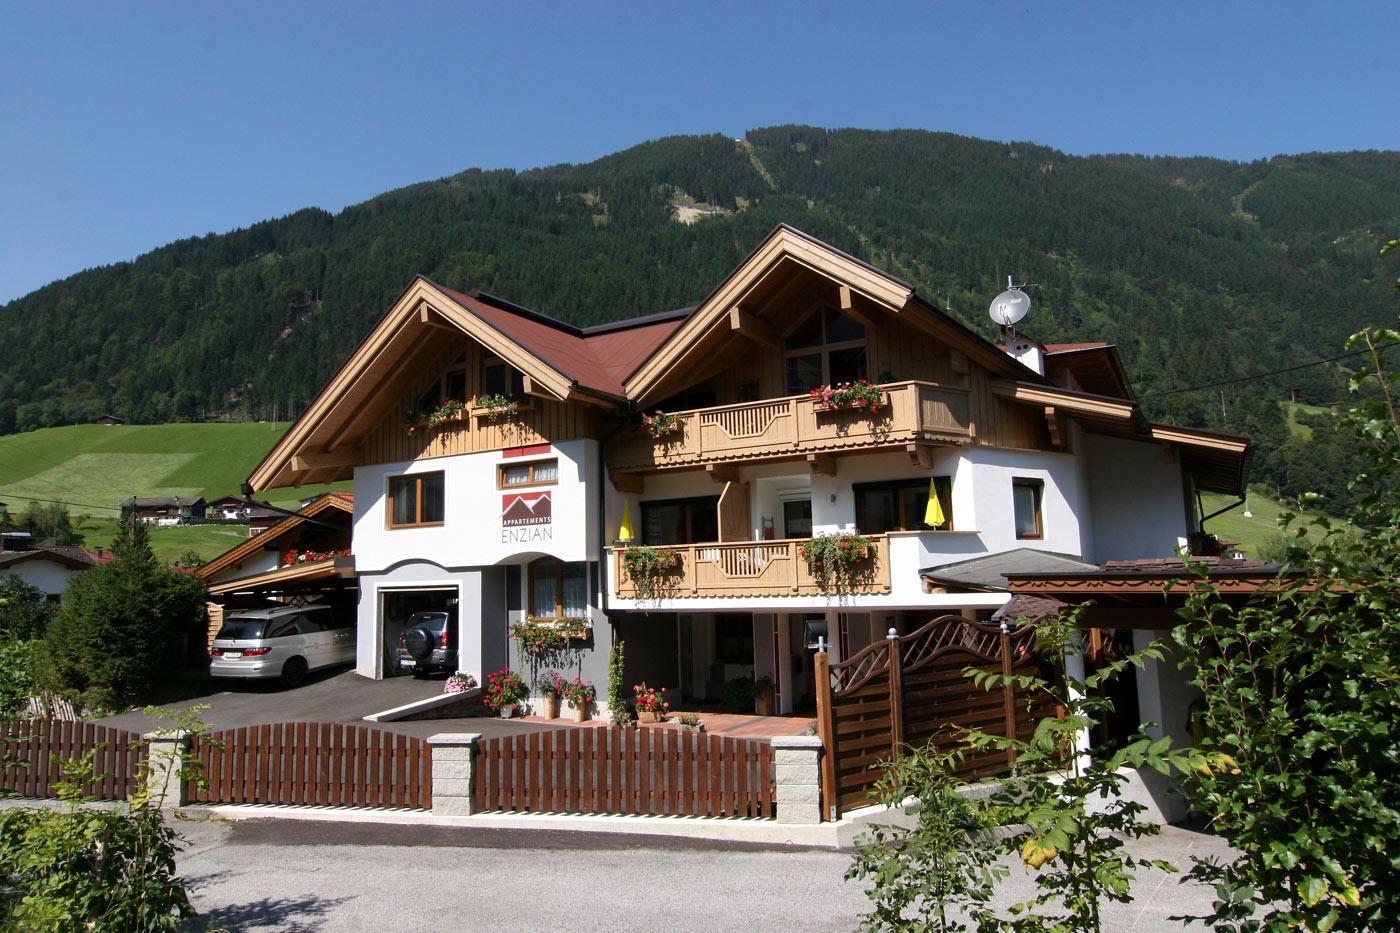 Appartements Enzian - Ferienwohnung Finkenberg